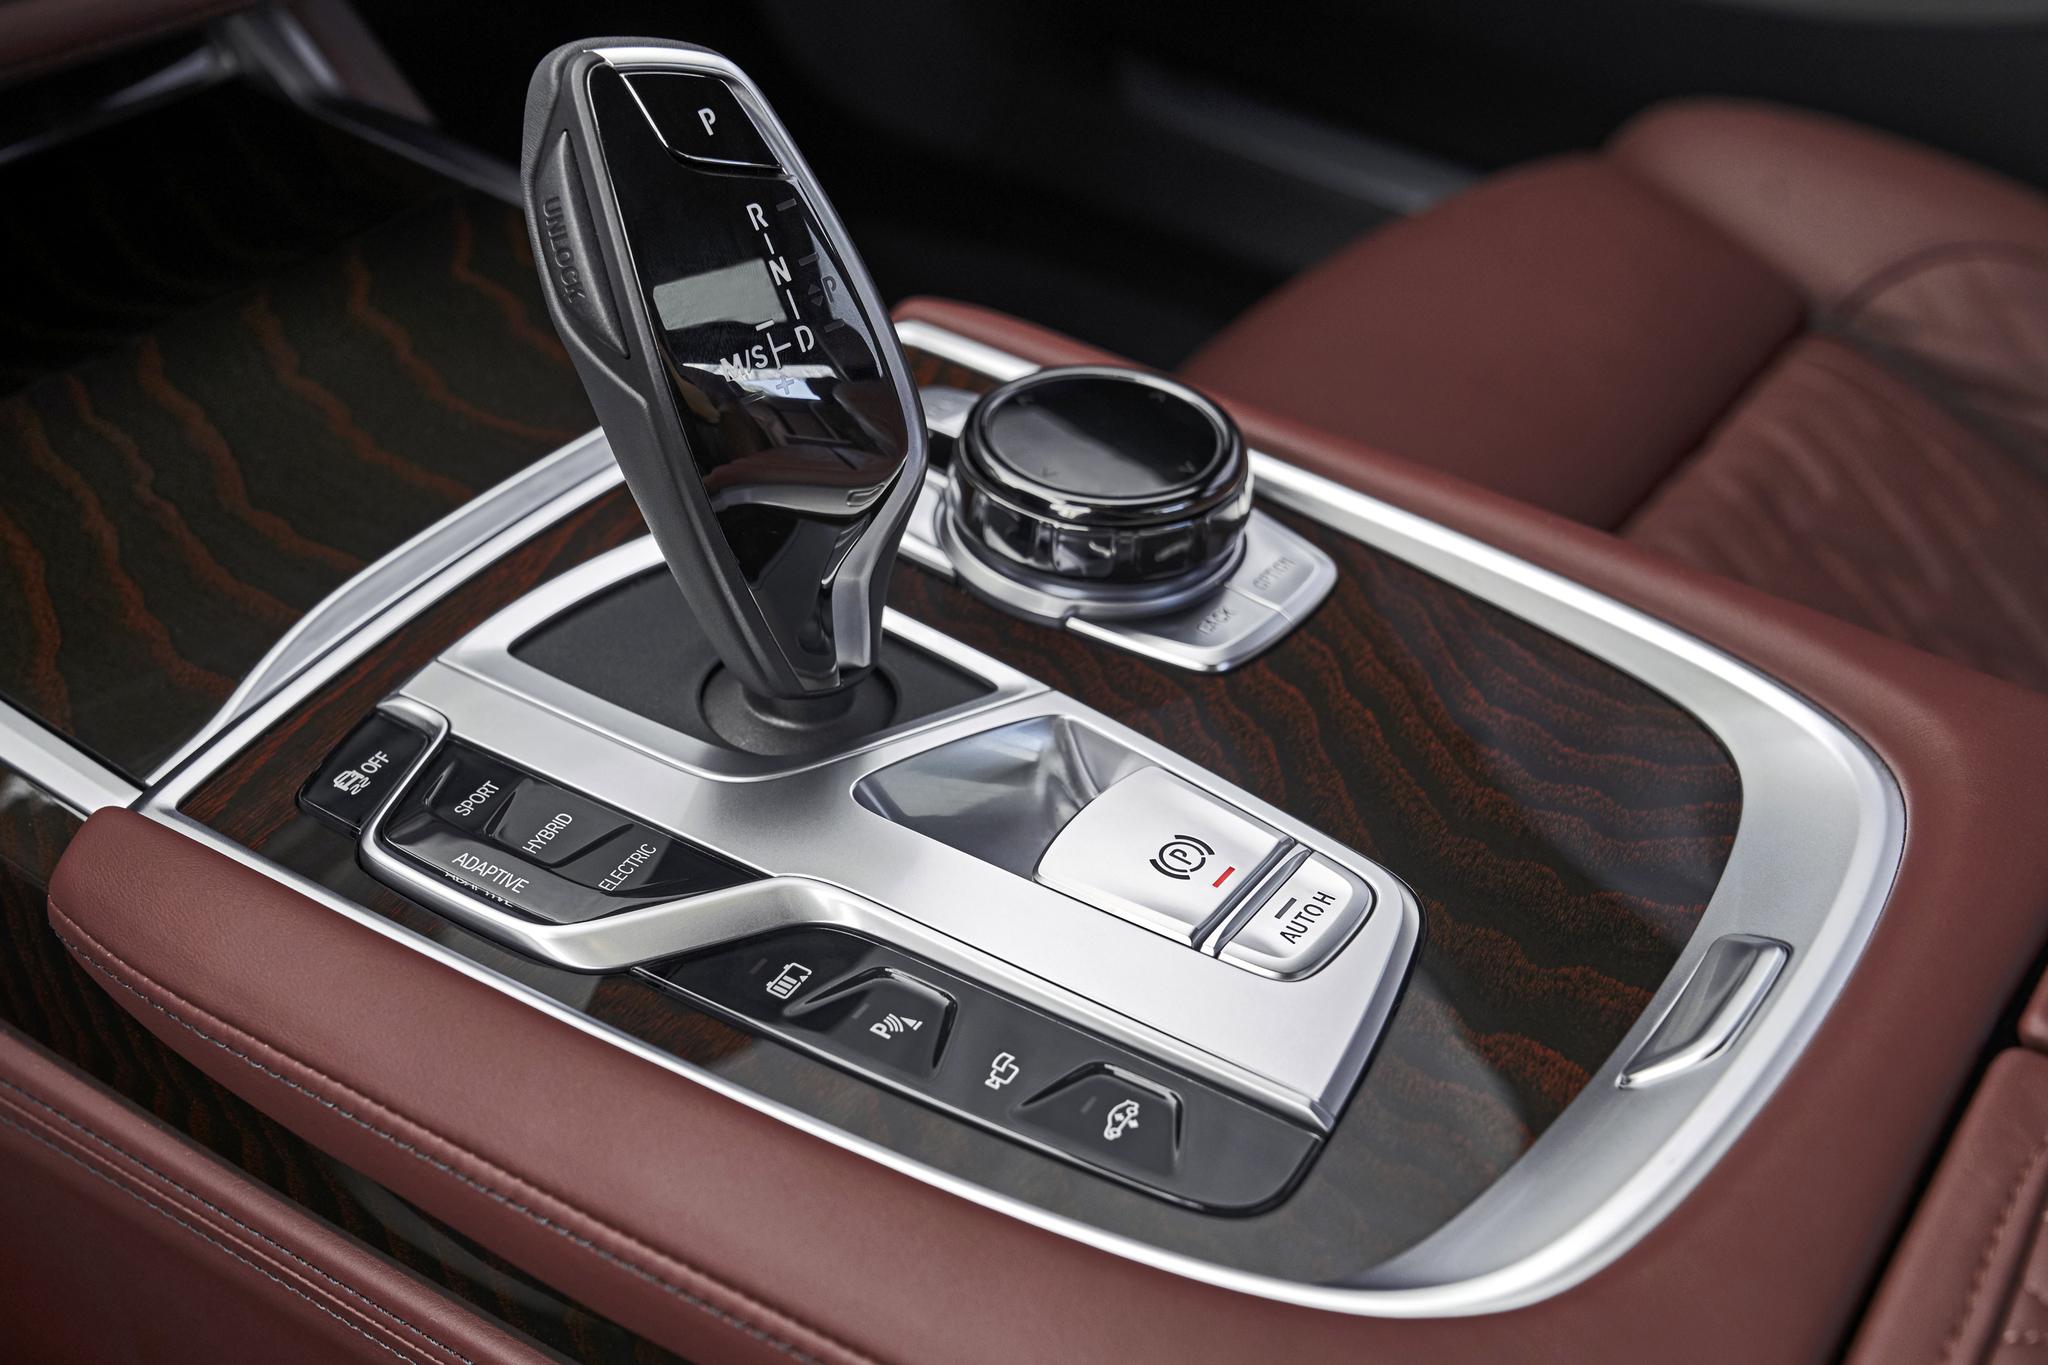 BMW 더 뉴 7시리즈에 달린 바이와이어(BW) 방식의 기어시프트레버. 주변에 각종 조작버튼이 위치해 있다. [BMW그룹]